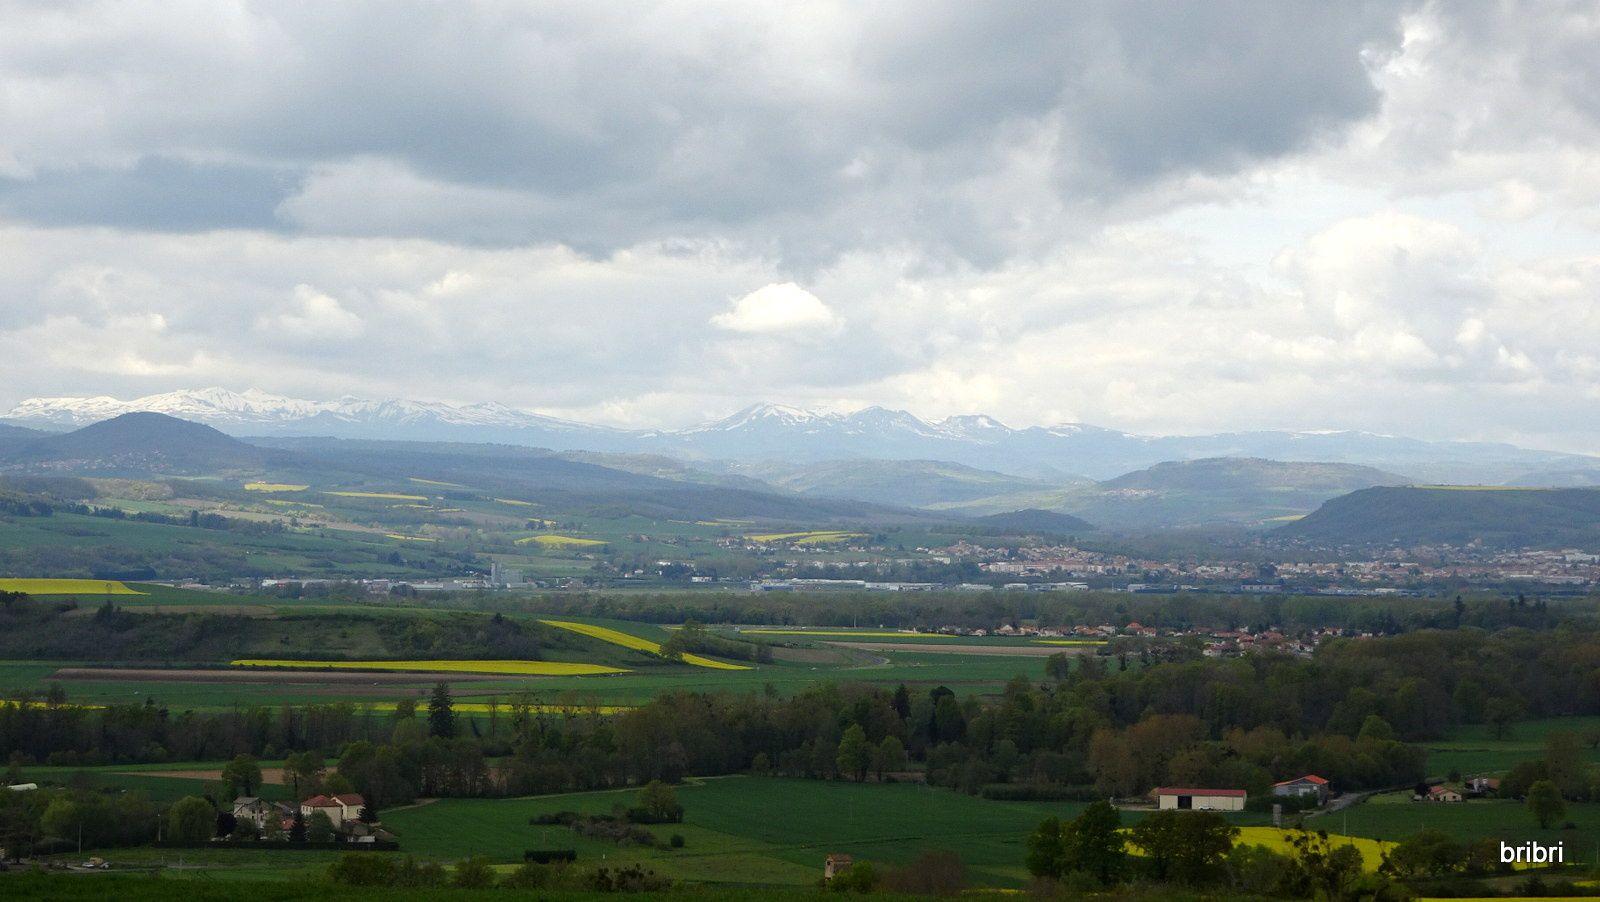 Nous montons vers Montaigner. Il y a encore de la neige sur les sommets, elle est tombée cette semaine.